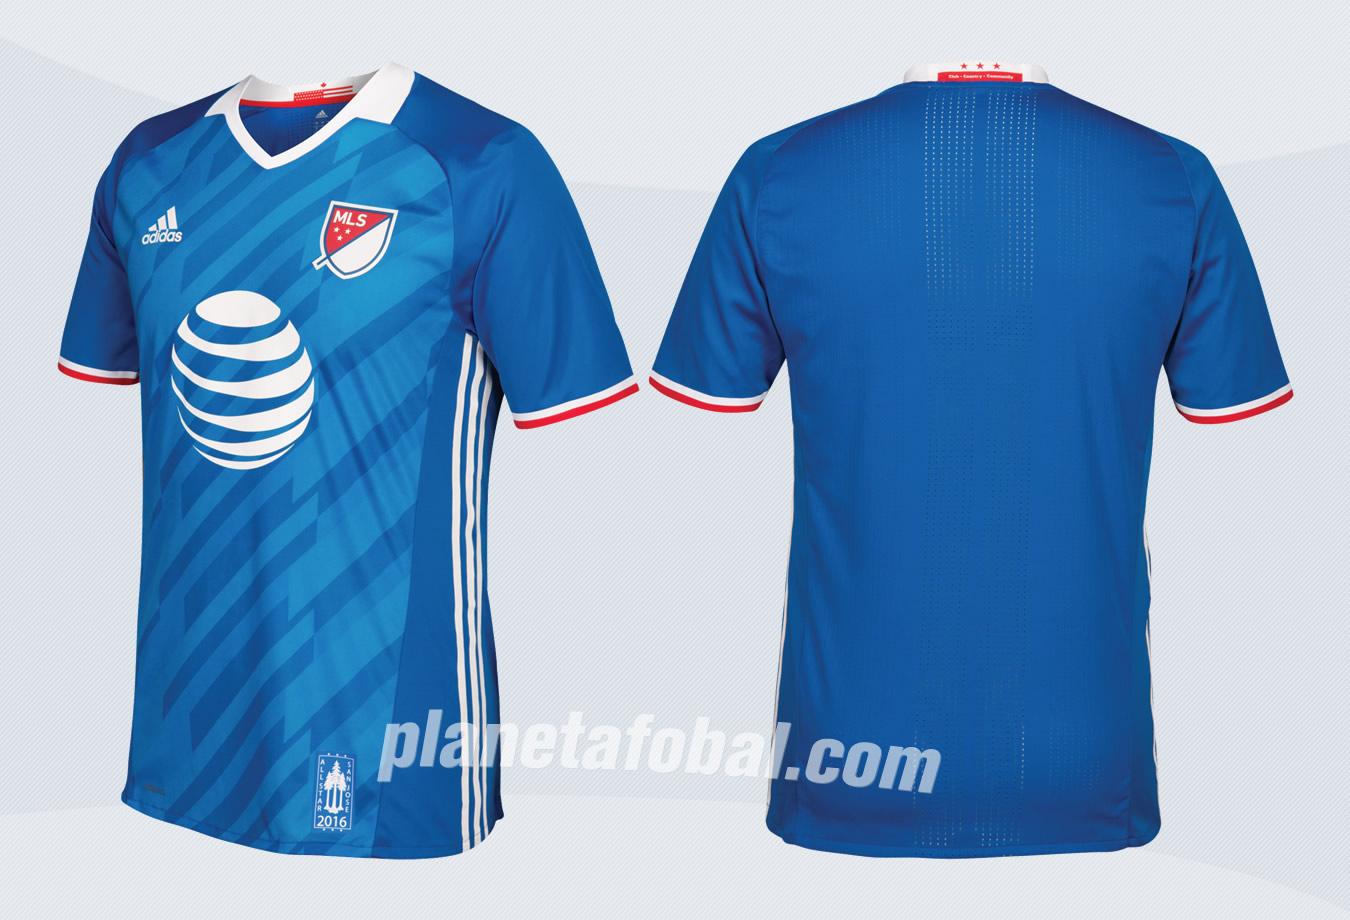 Asi luce la camiseta | Imágenes MLS